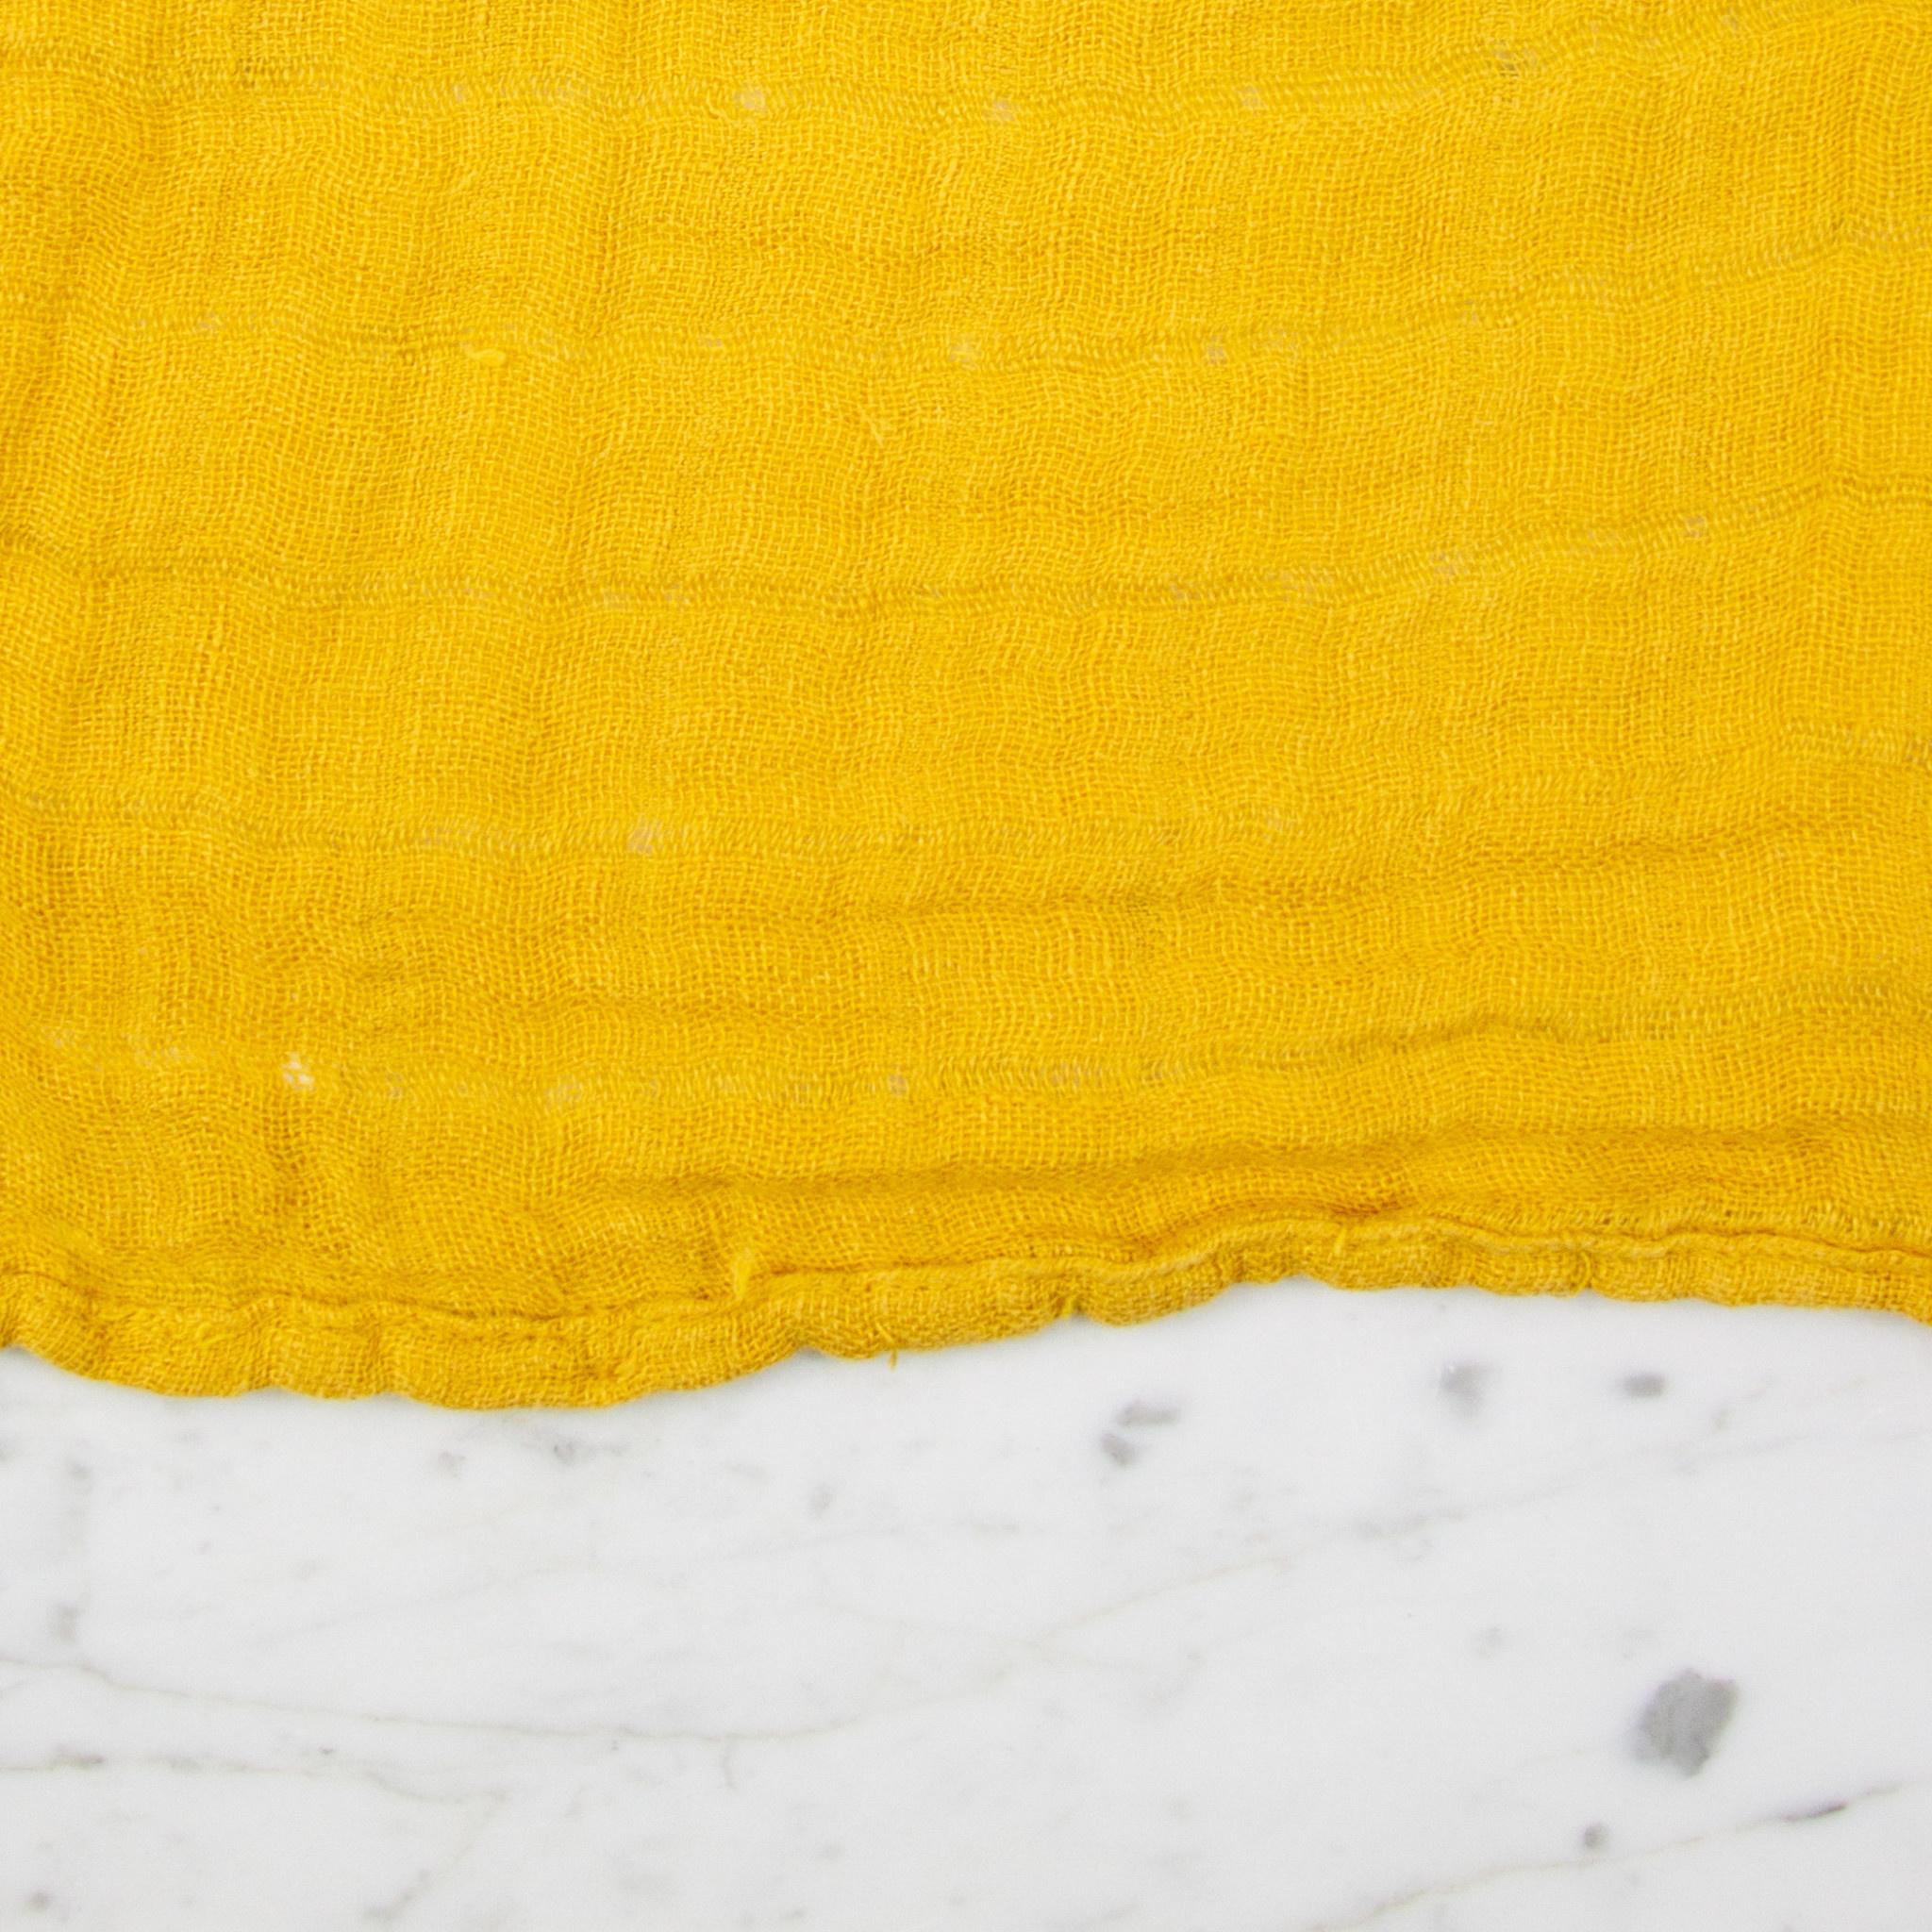 Washed French Linen Gauze Scarf - Honey